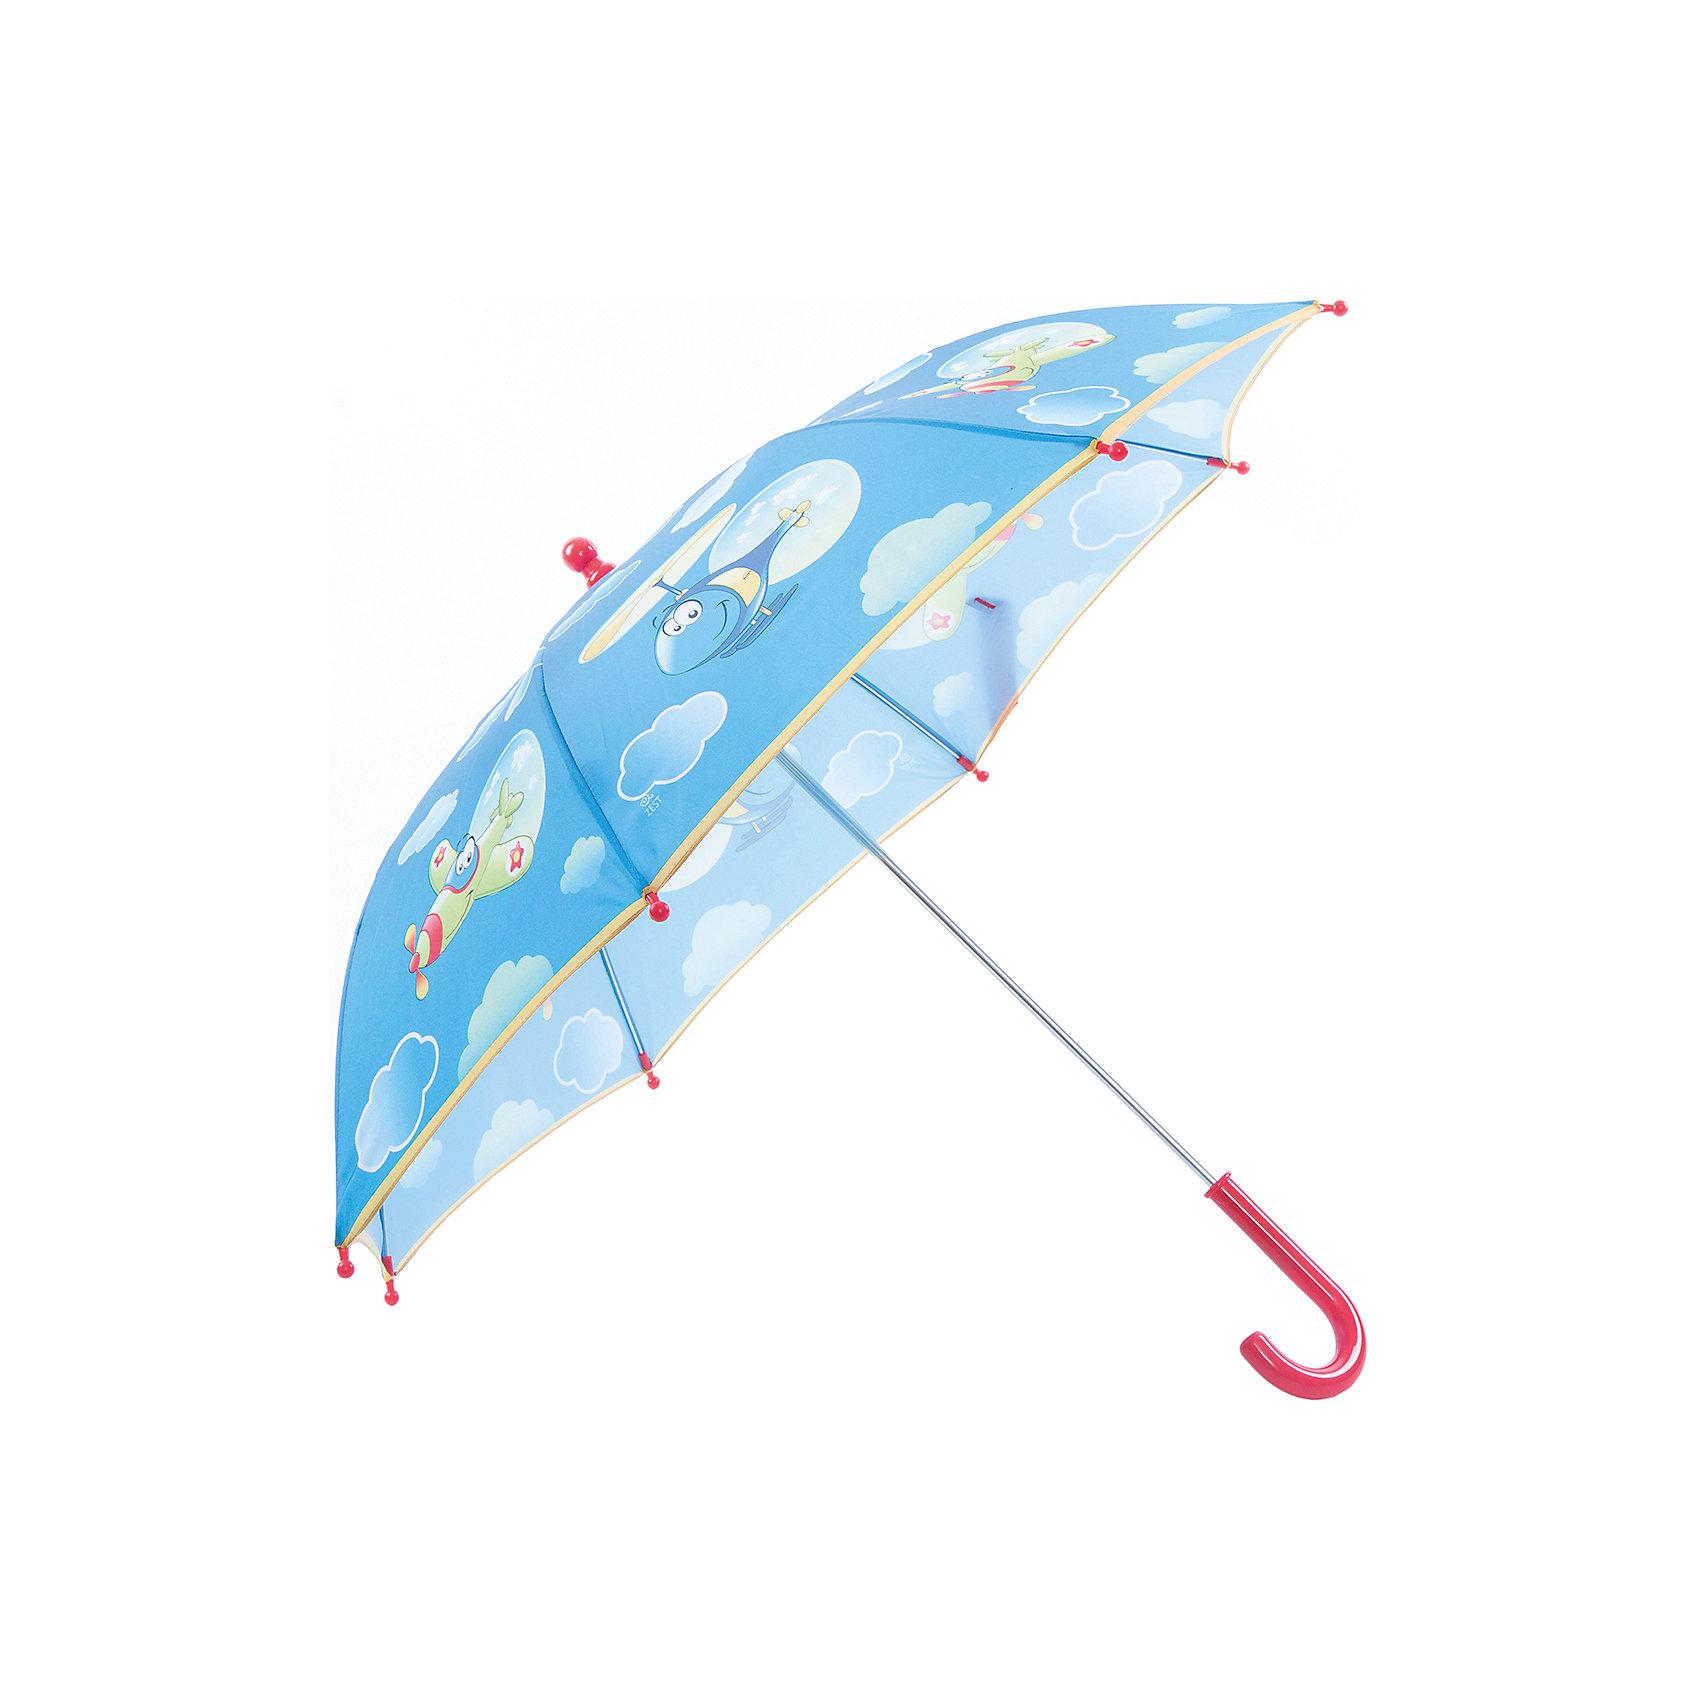 Зонт-трость, детскийКрасочный детский зонтик Zest 81561, трость, механика, 8 спиц, купол 72 см, материал купола полиэстер, ручка зонта из пластика, материал каркаса - сталь. Концы спиц зонтика прикрыты специальными колпачками. ВЕТРОУСТОЙЧИВАЯ КОНСТРУКЦИЯ. Внимание! В сильный ветер не эксплуатировать! Зонт может сломаться. Гарантия 6 месяцев, срок службы 5 лет.<br><br>Ширина мм: 570<br>Глубина мм: 0<br>Высота мм: 0<br>Вес г: 205<br>Возраст от месяцев: 36<br>Возраст до месяцев: 2147483647<br>Пол: Унисекс<br>Возраст: Детский<br>SKU: 5511996